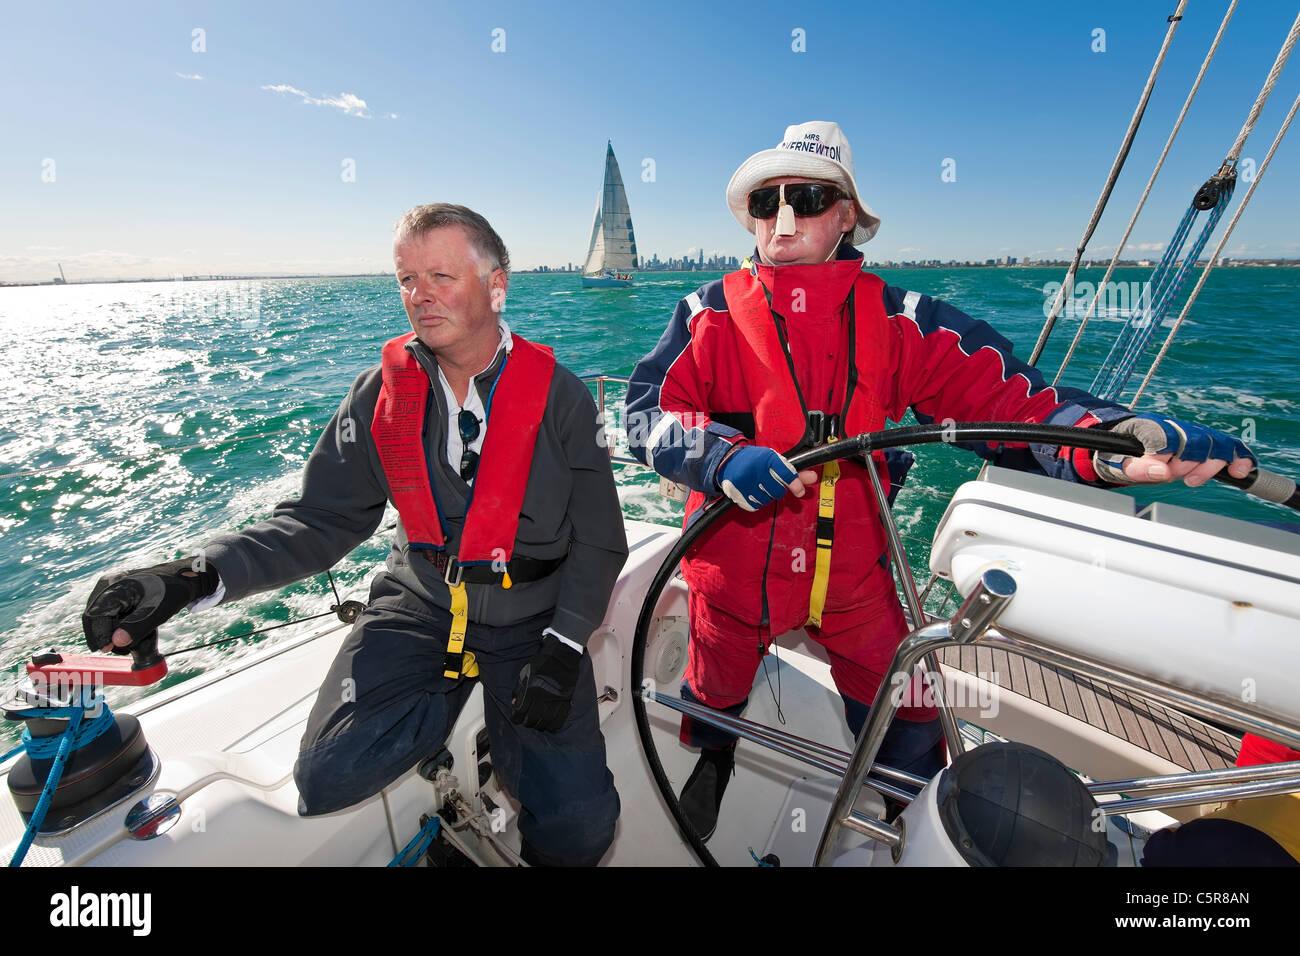 Der Kapitän steuert einen Ozean-Yacht. Stockbild